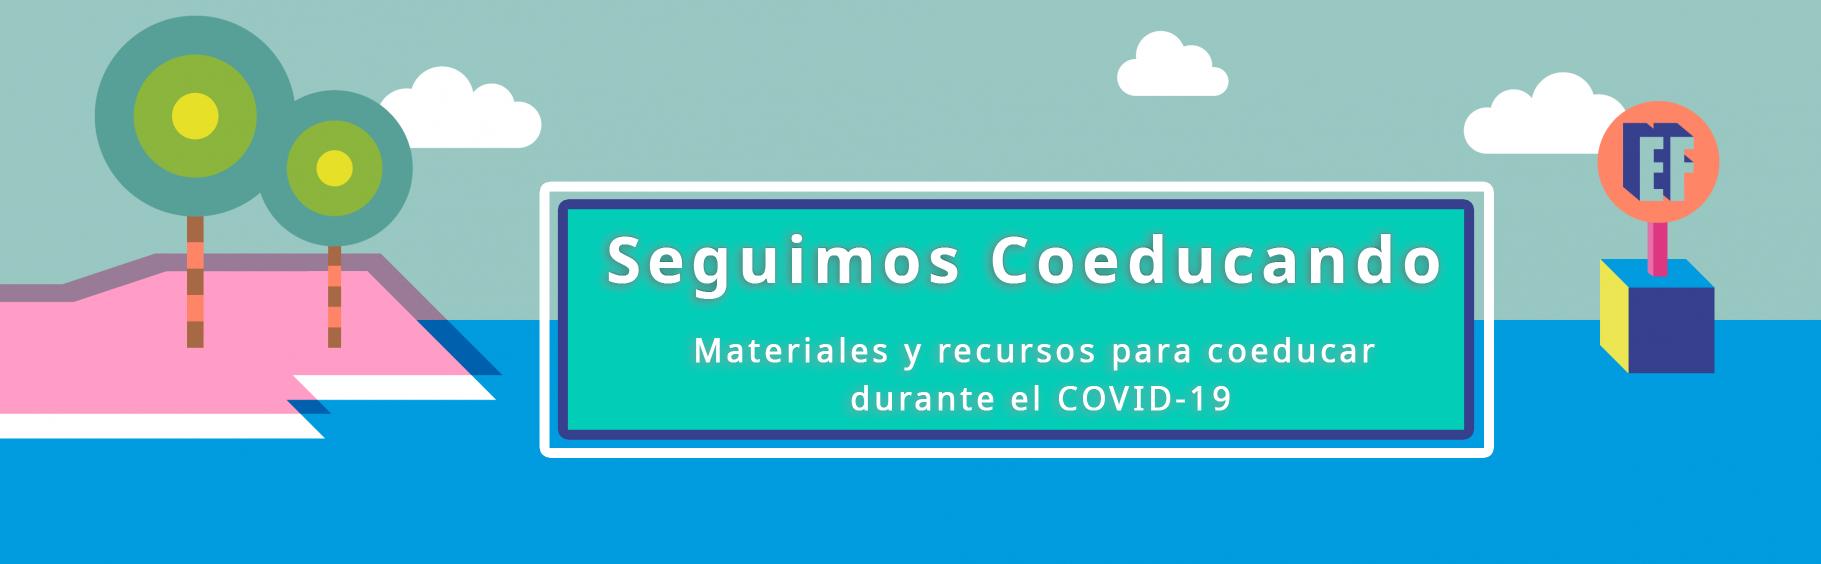 #SEGUIMOS COEDUCANDO - copiar